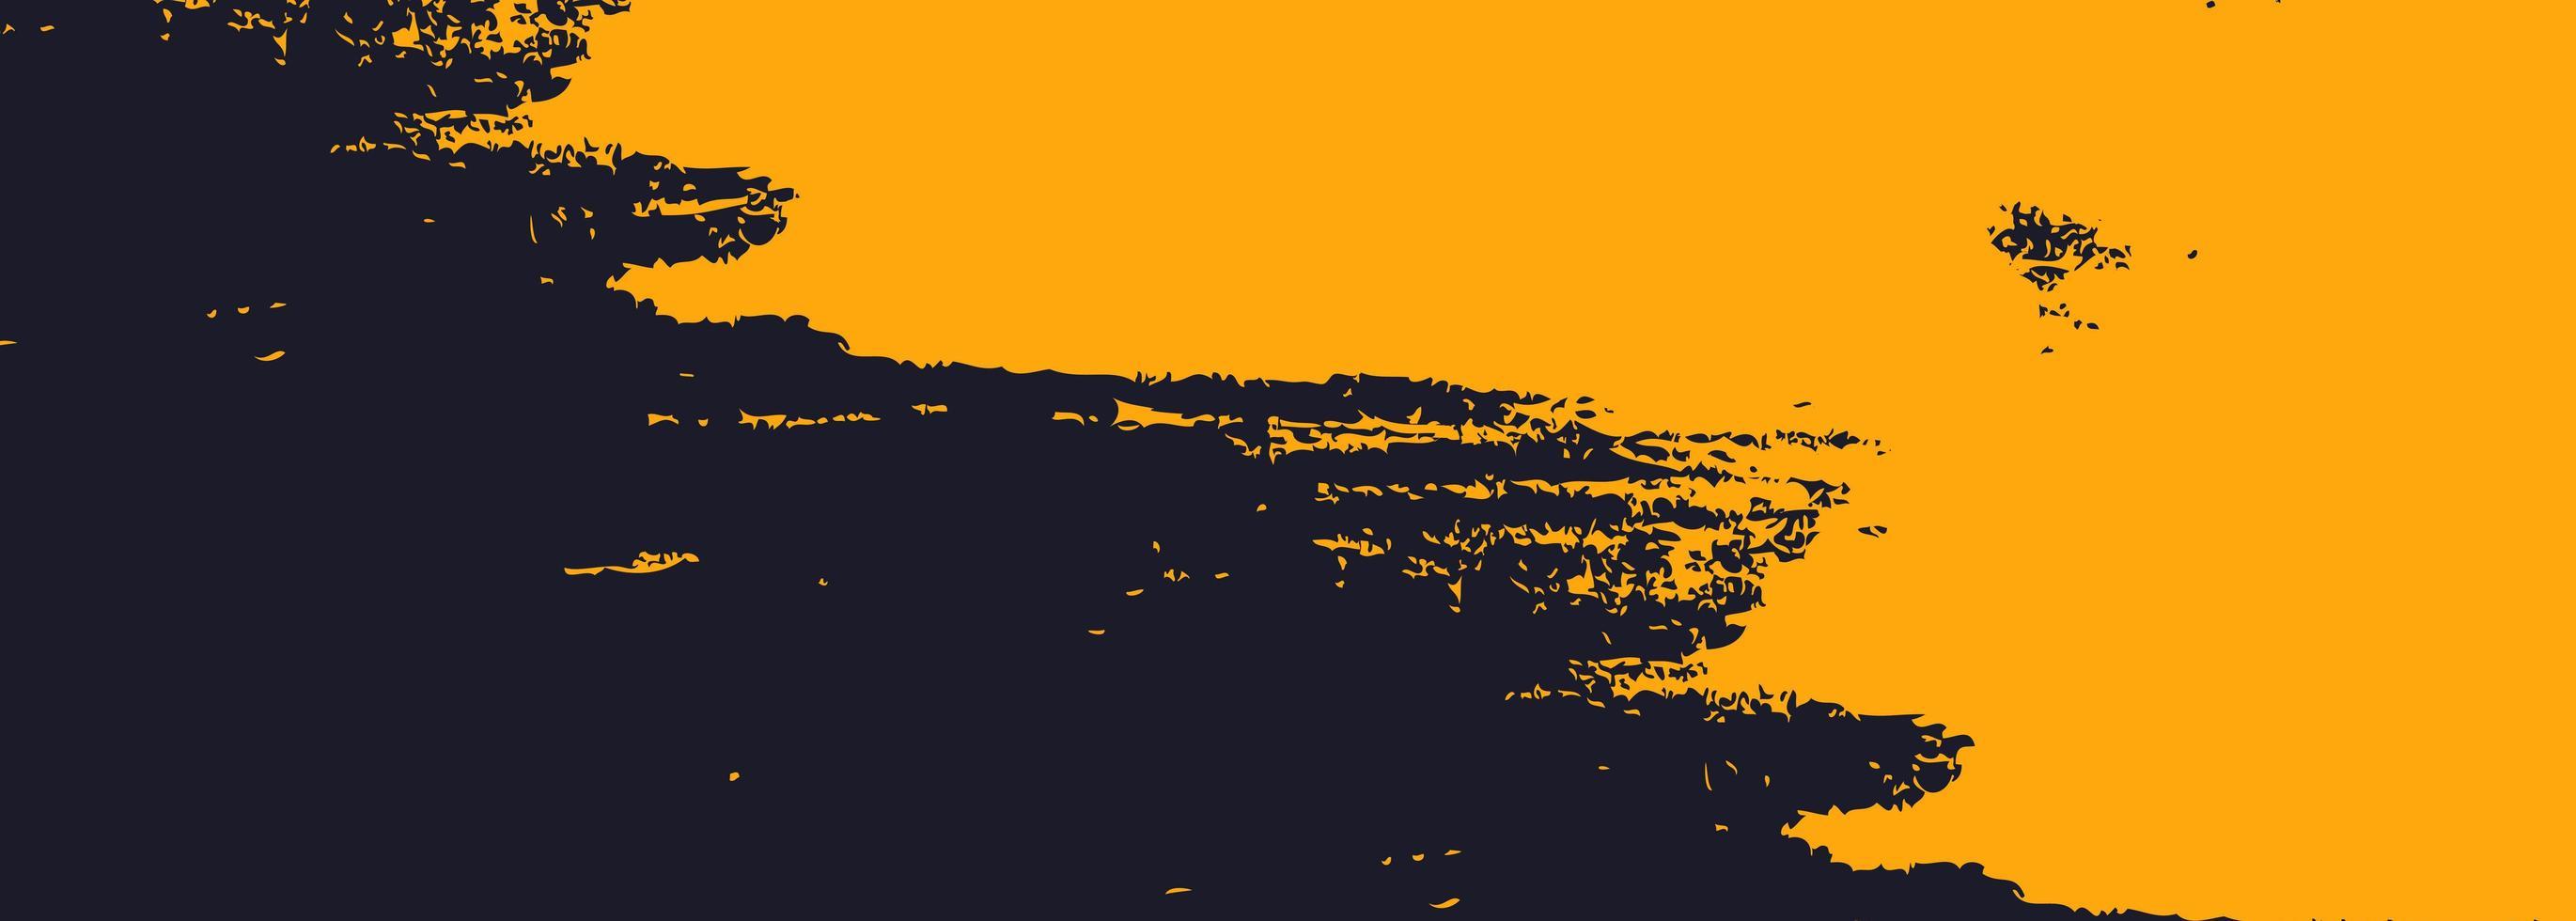 disegno astratto della bandiera dell'acquerello arancione e nero vettore